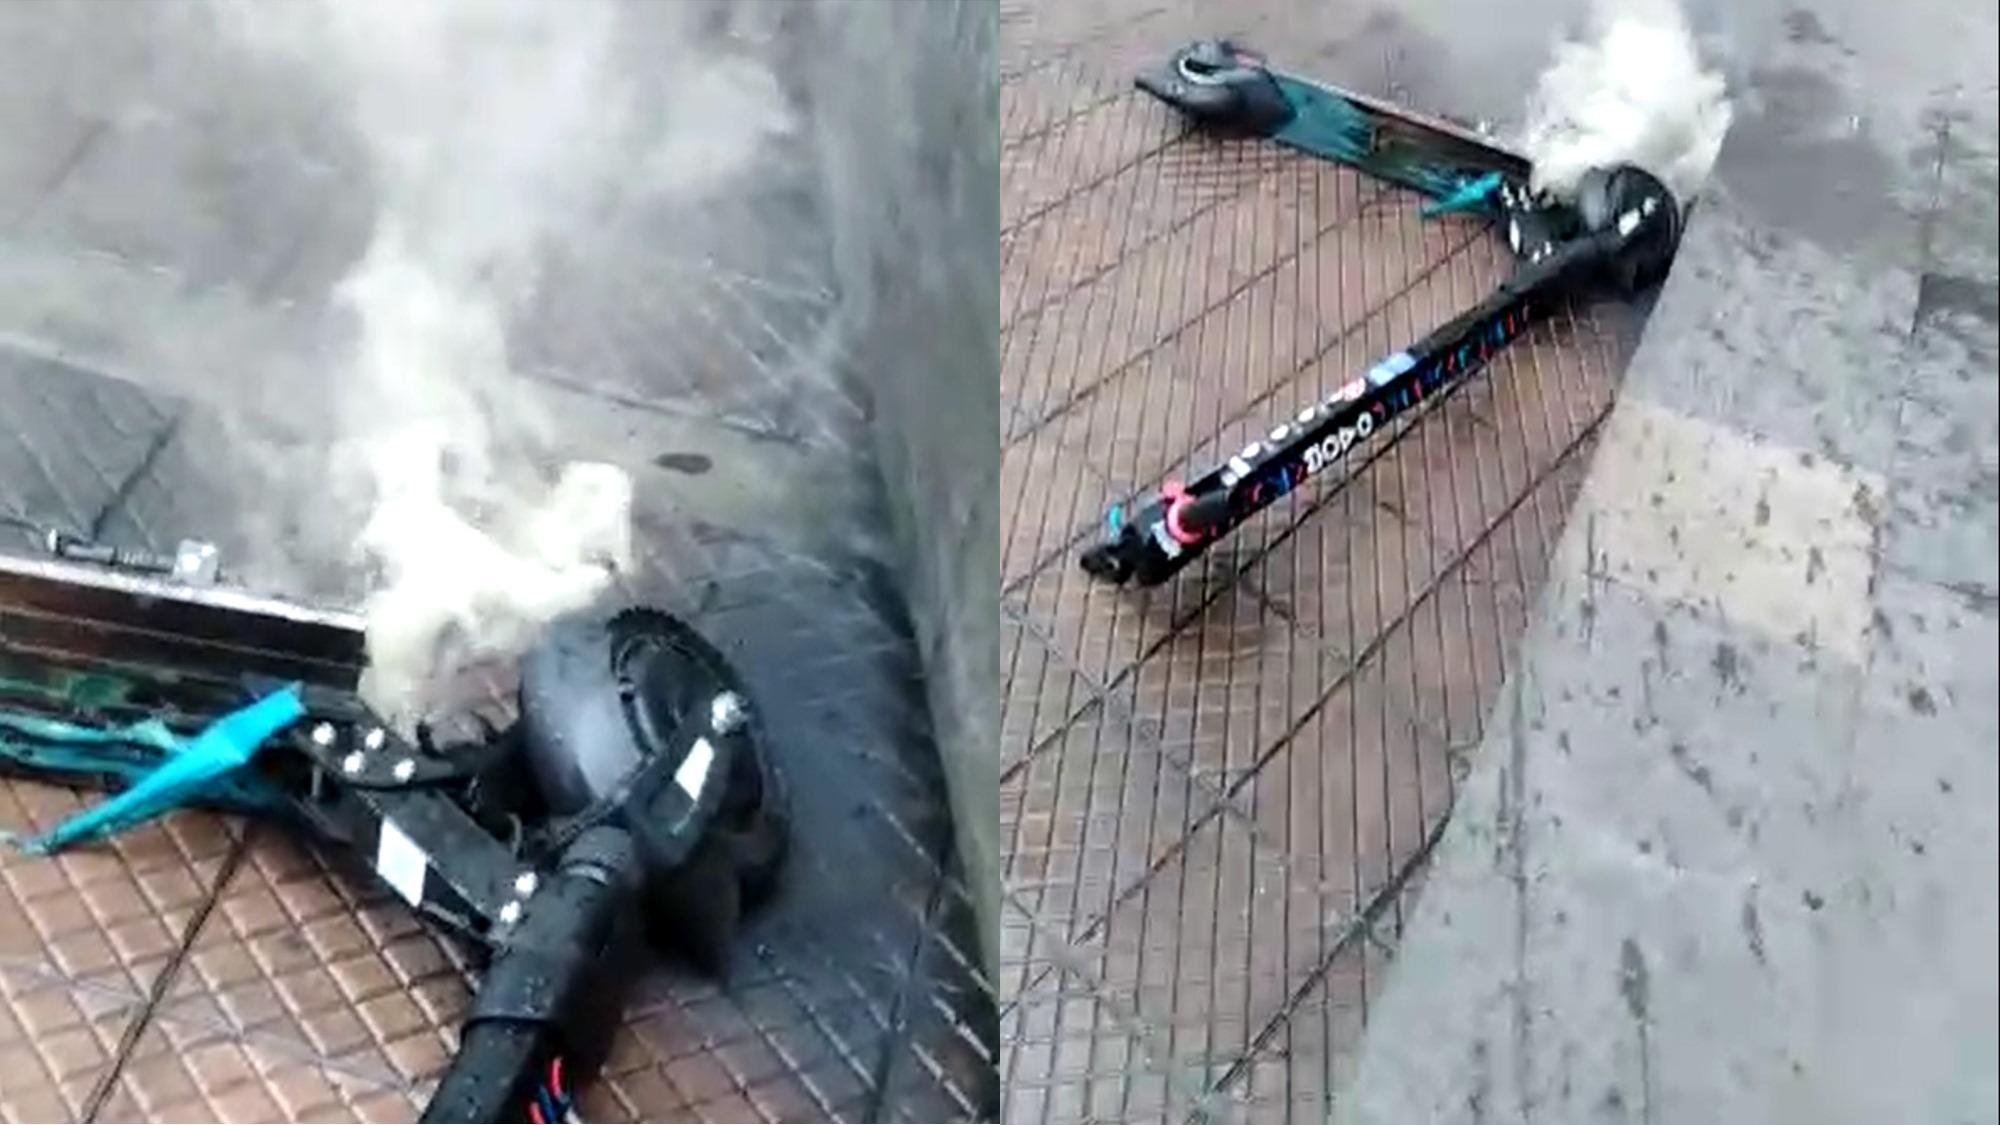 VIDEO | Momento en que el scooter de MOVO emite humo tras la falla eléctrica